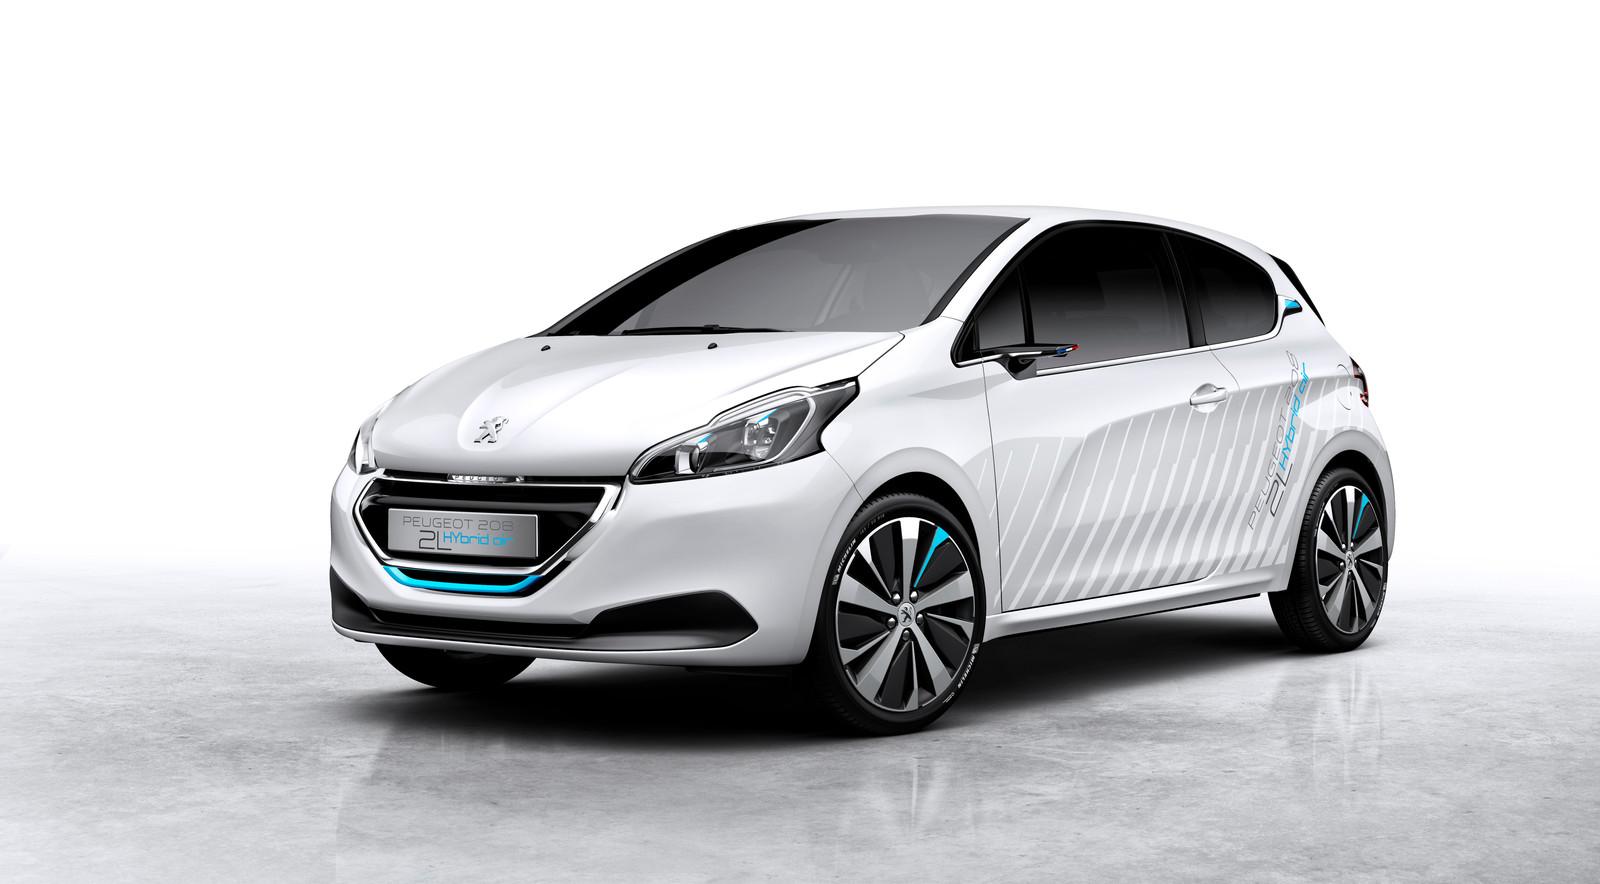 Deze Peugeot op perslucht is er nooit gekomen. Naar verluidt hebben onder meer Fiat en Renault nu wel interesse.